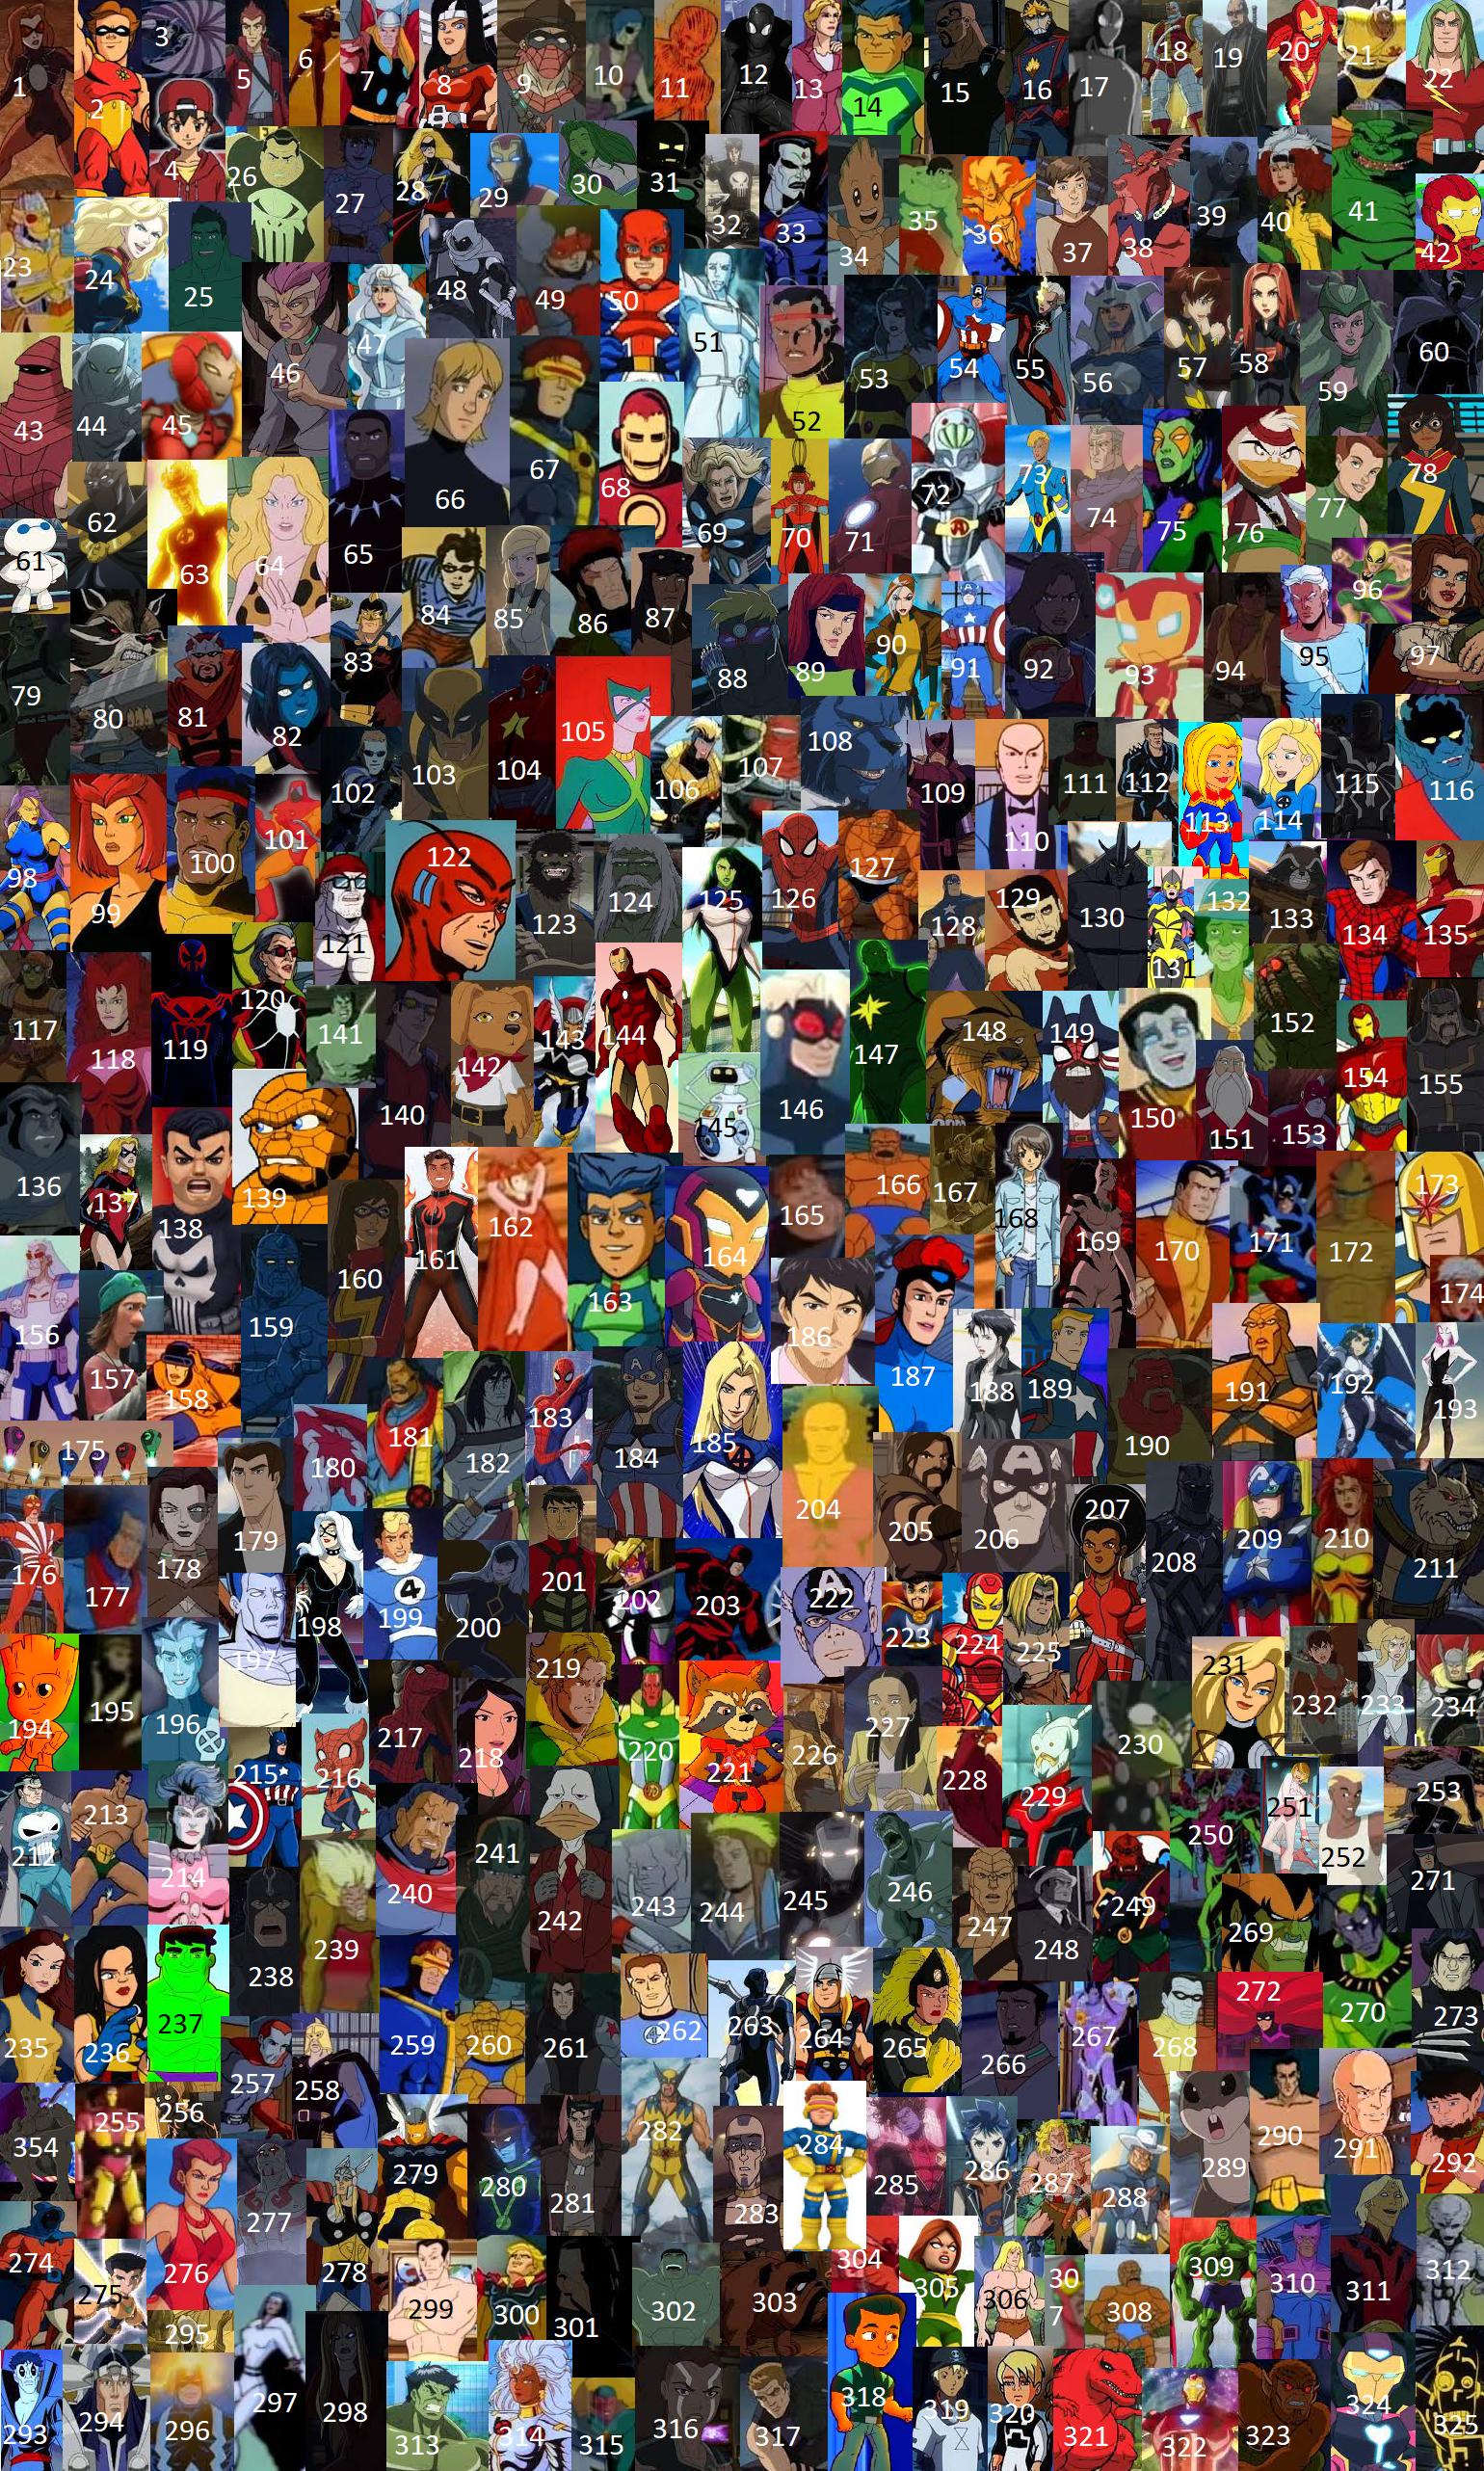 https://comicvine.gamespot.com/a/uploads/original/11143/111437680/8030757-marvelanimatedsuperheroes12.png